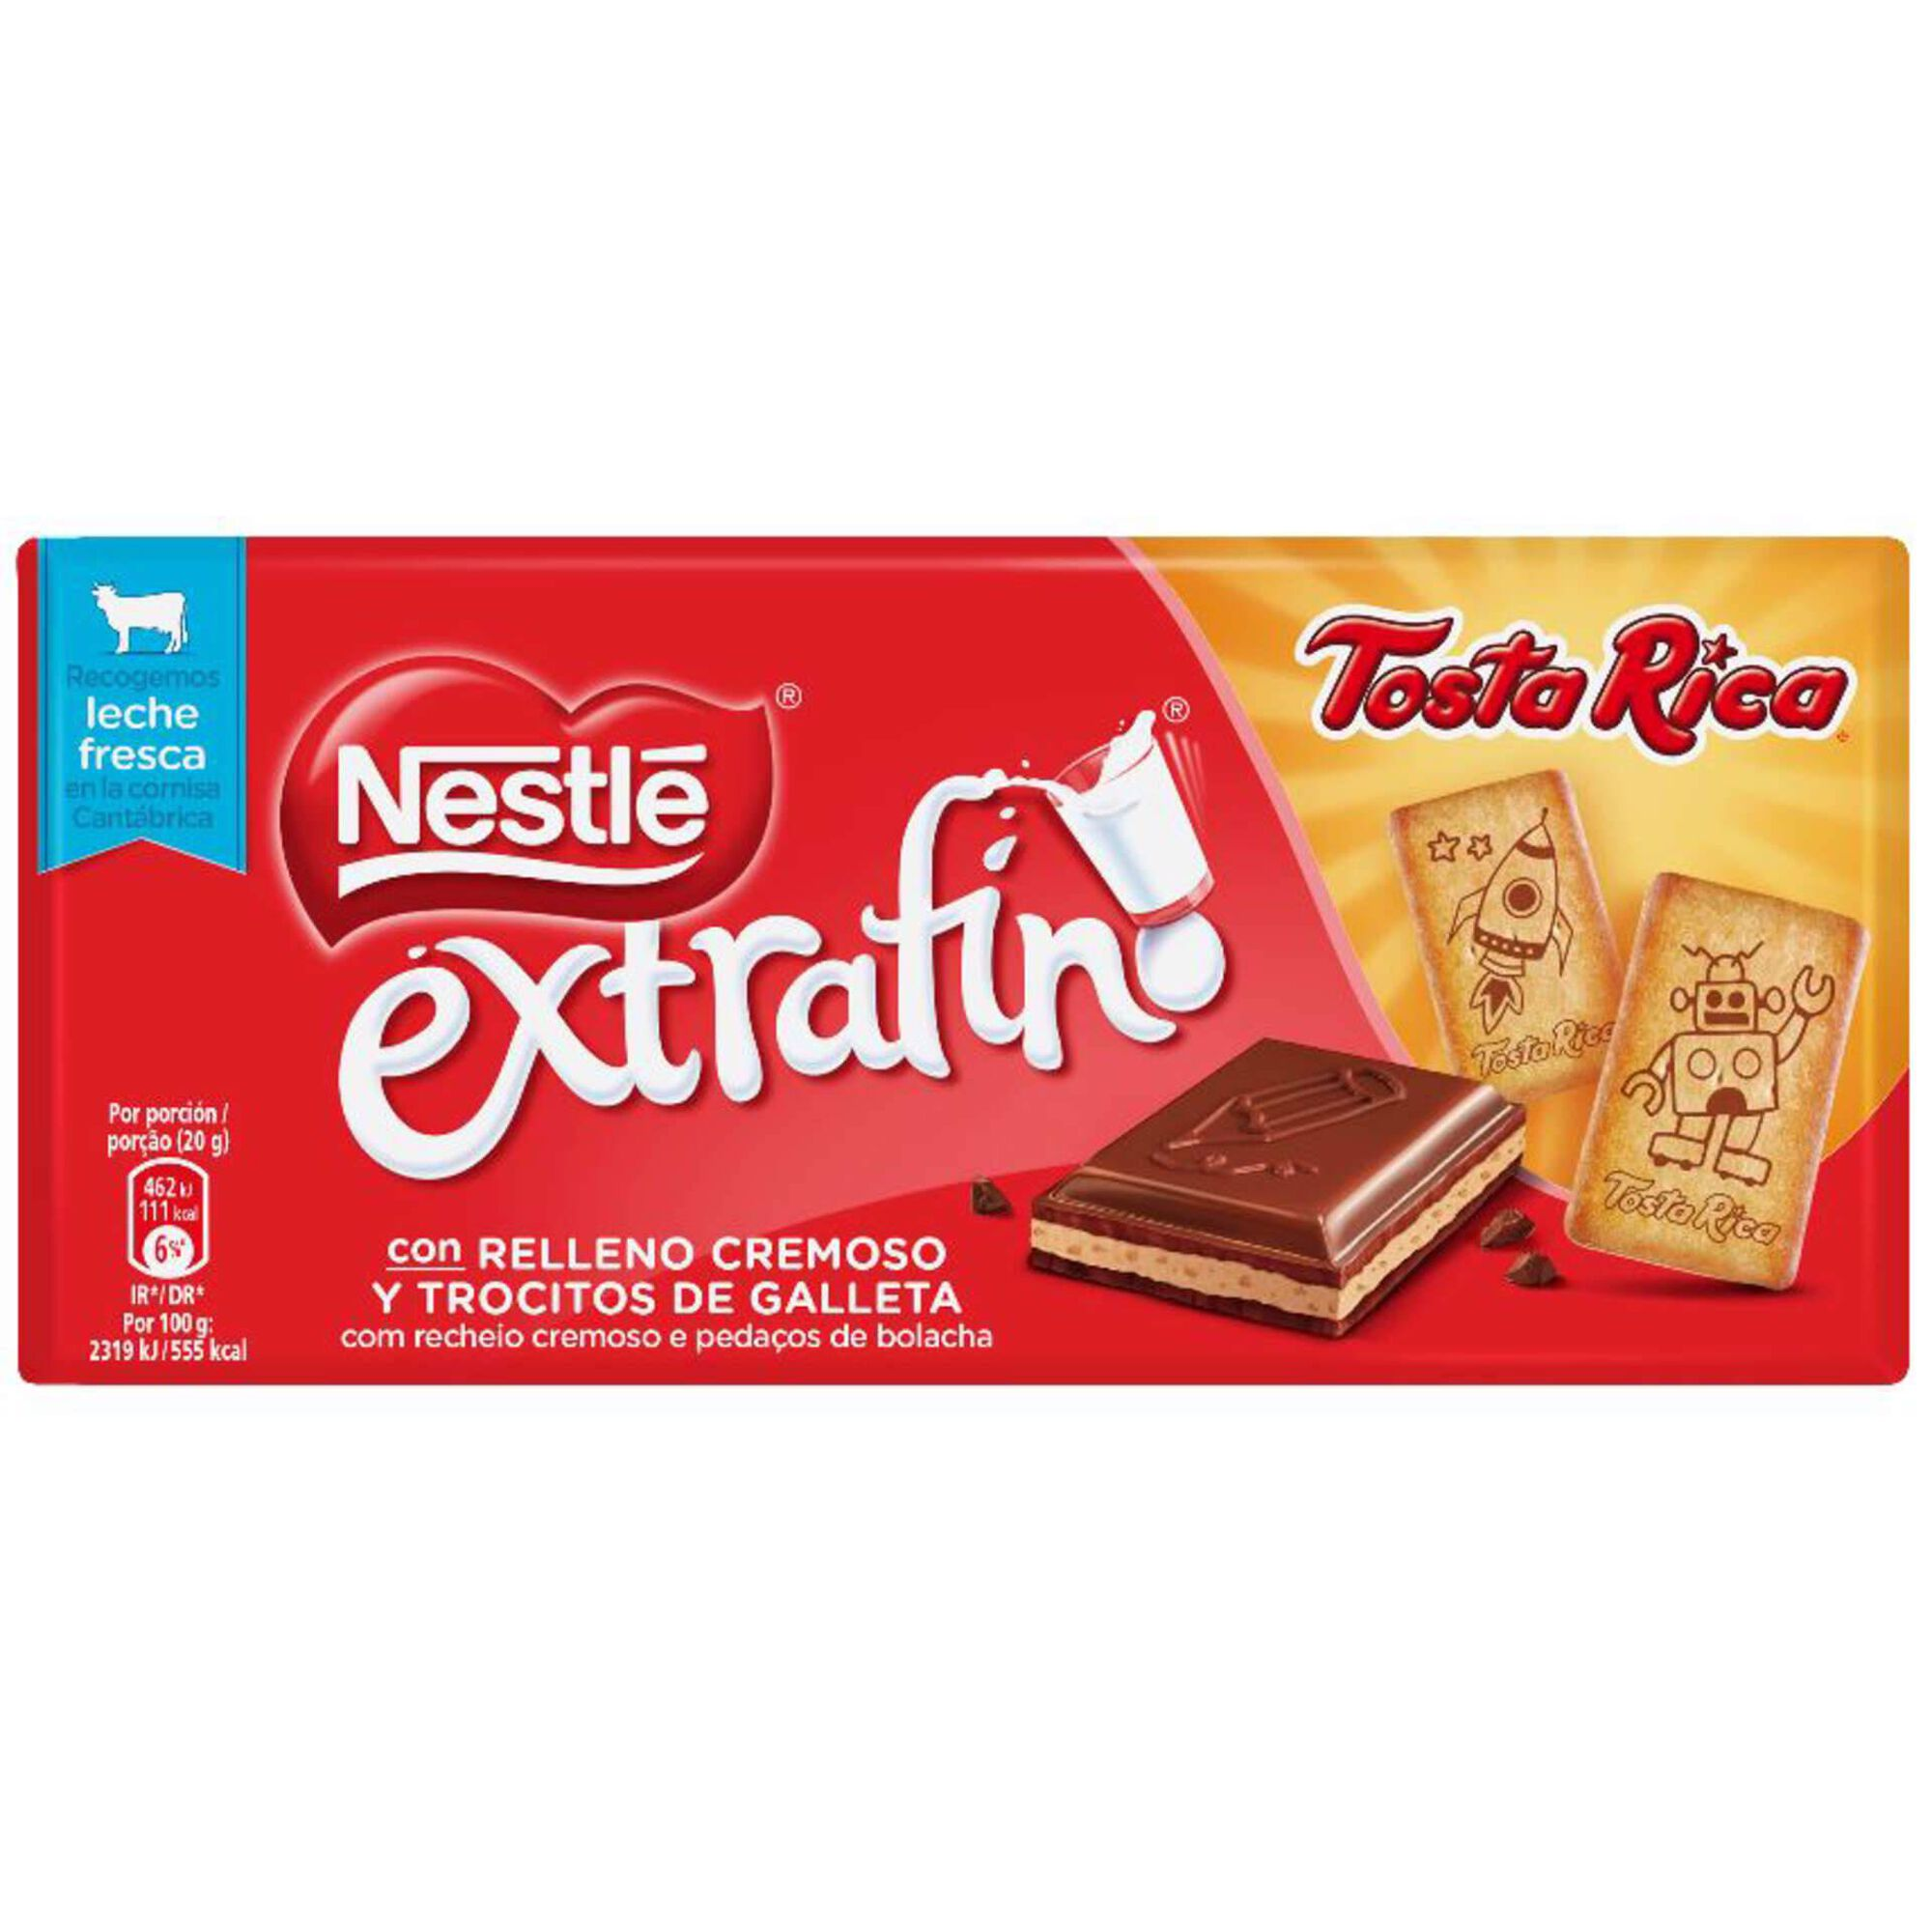 Tablete de Chocolate de Leite com Bolacha Tosta Rica Extrafino